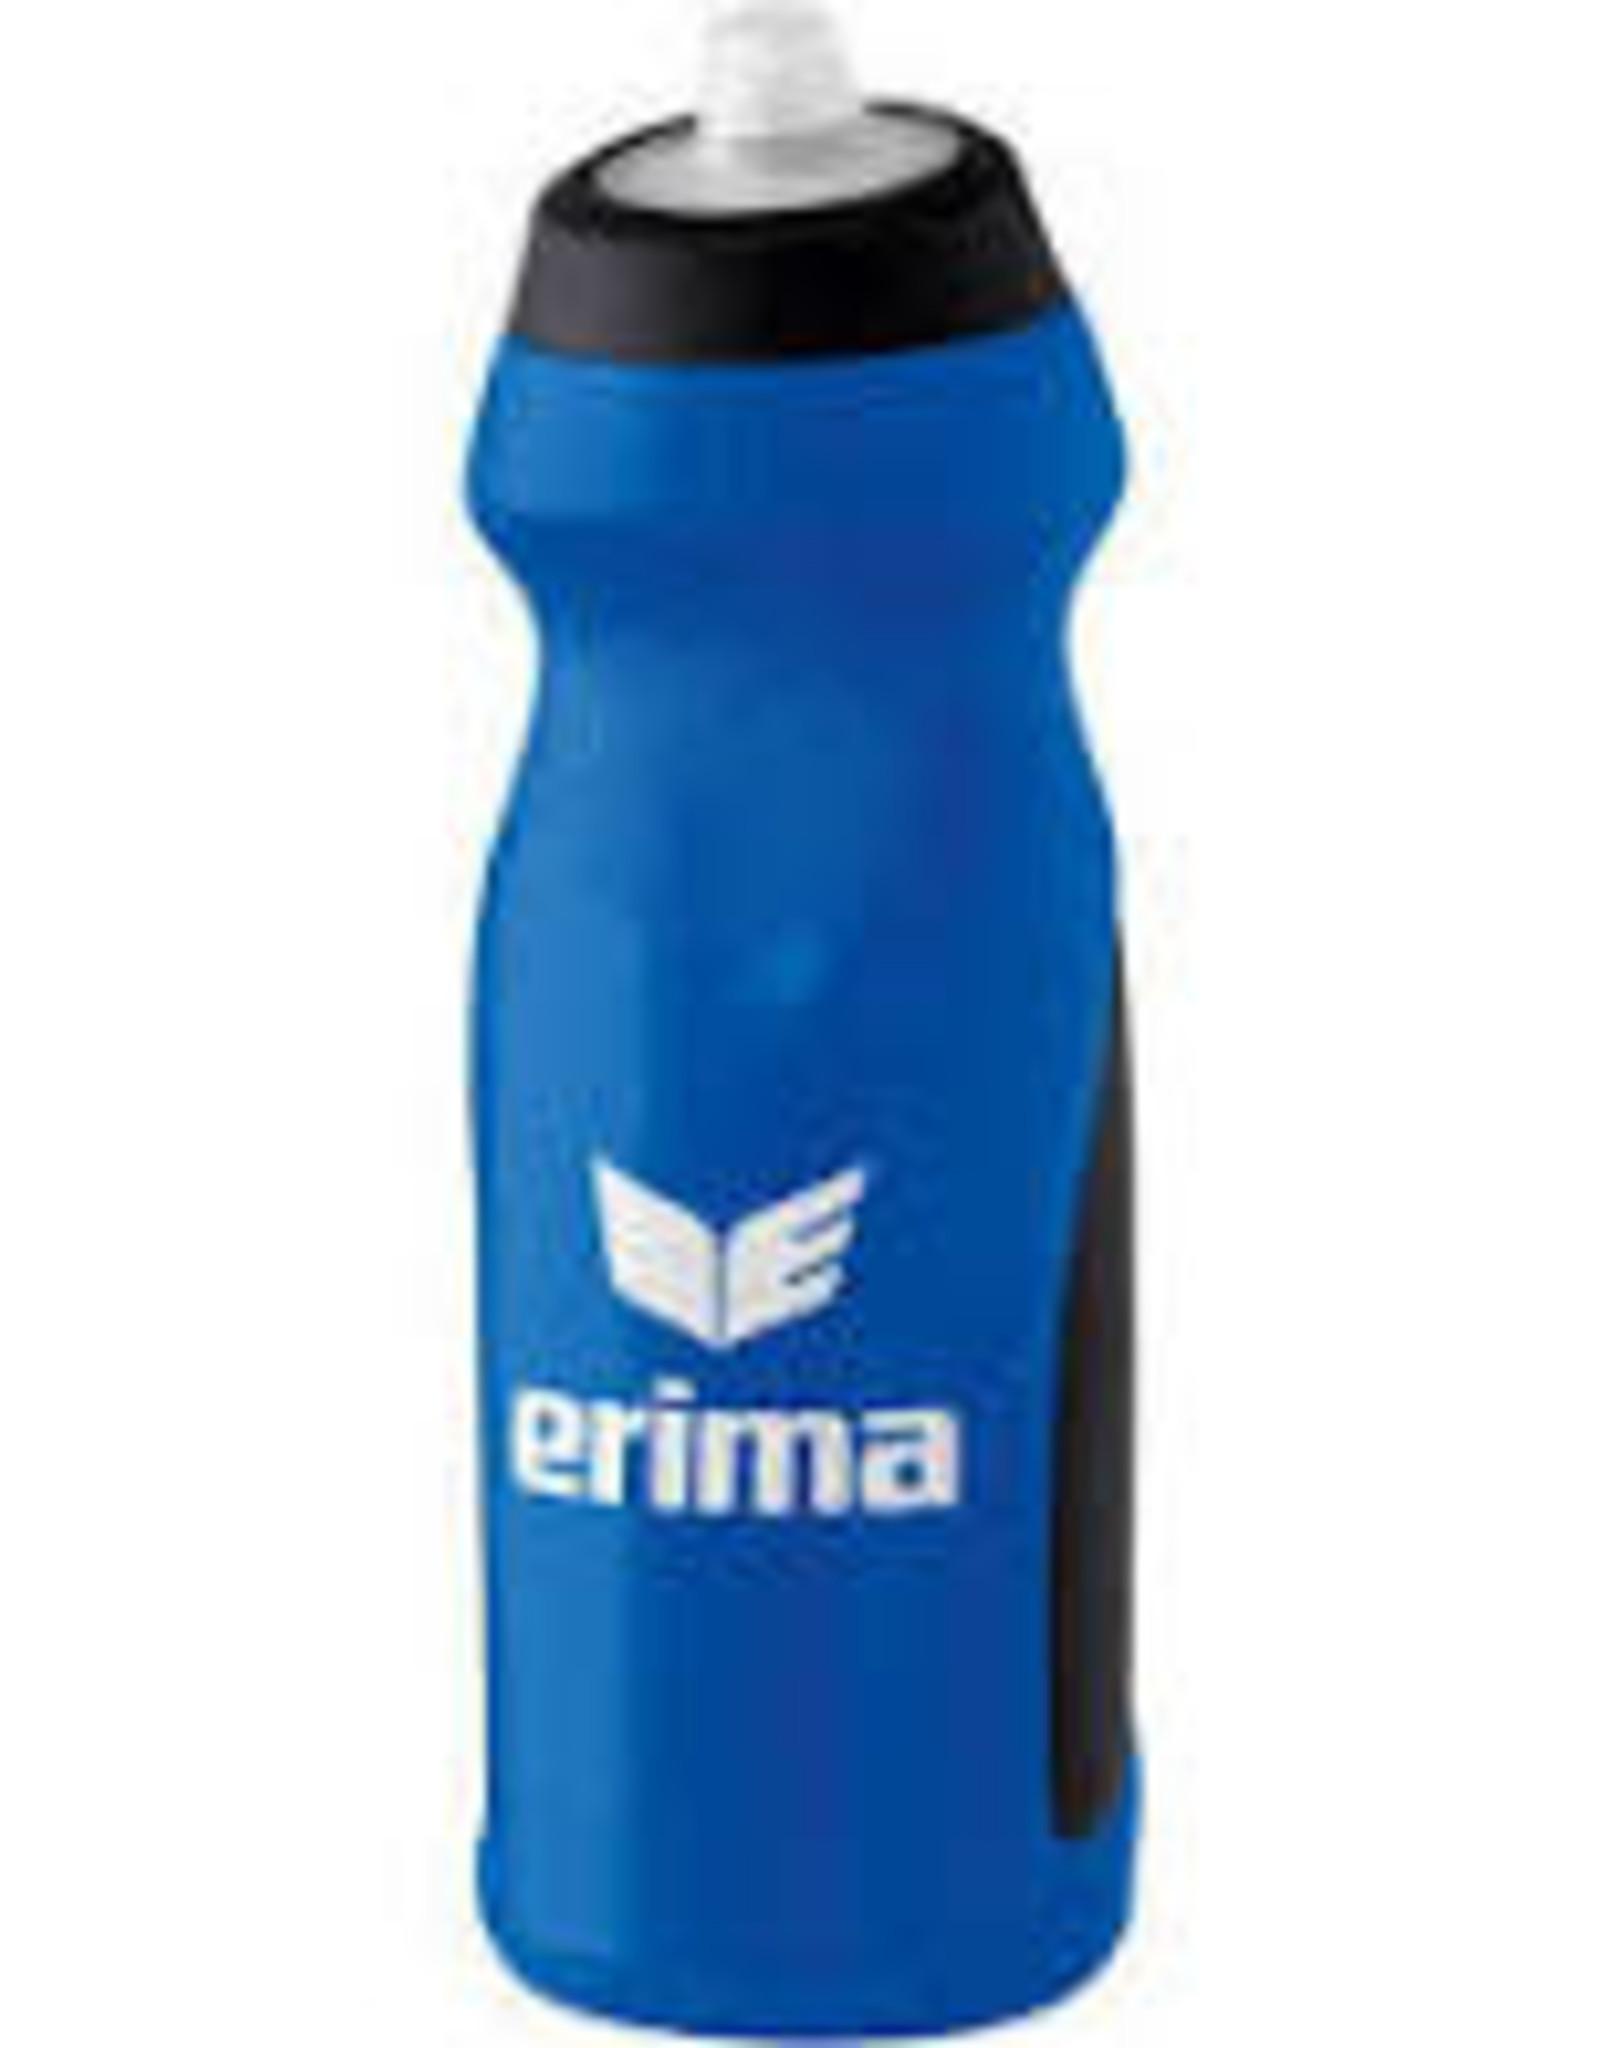 Erima erima water bottle blauw